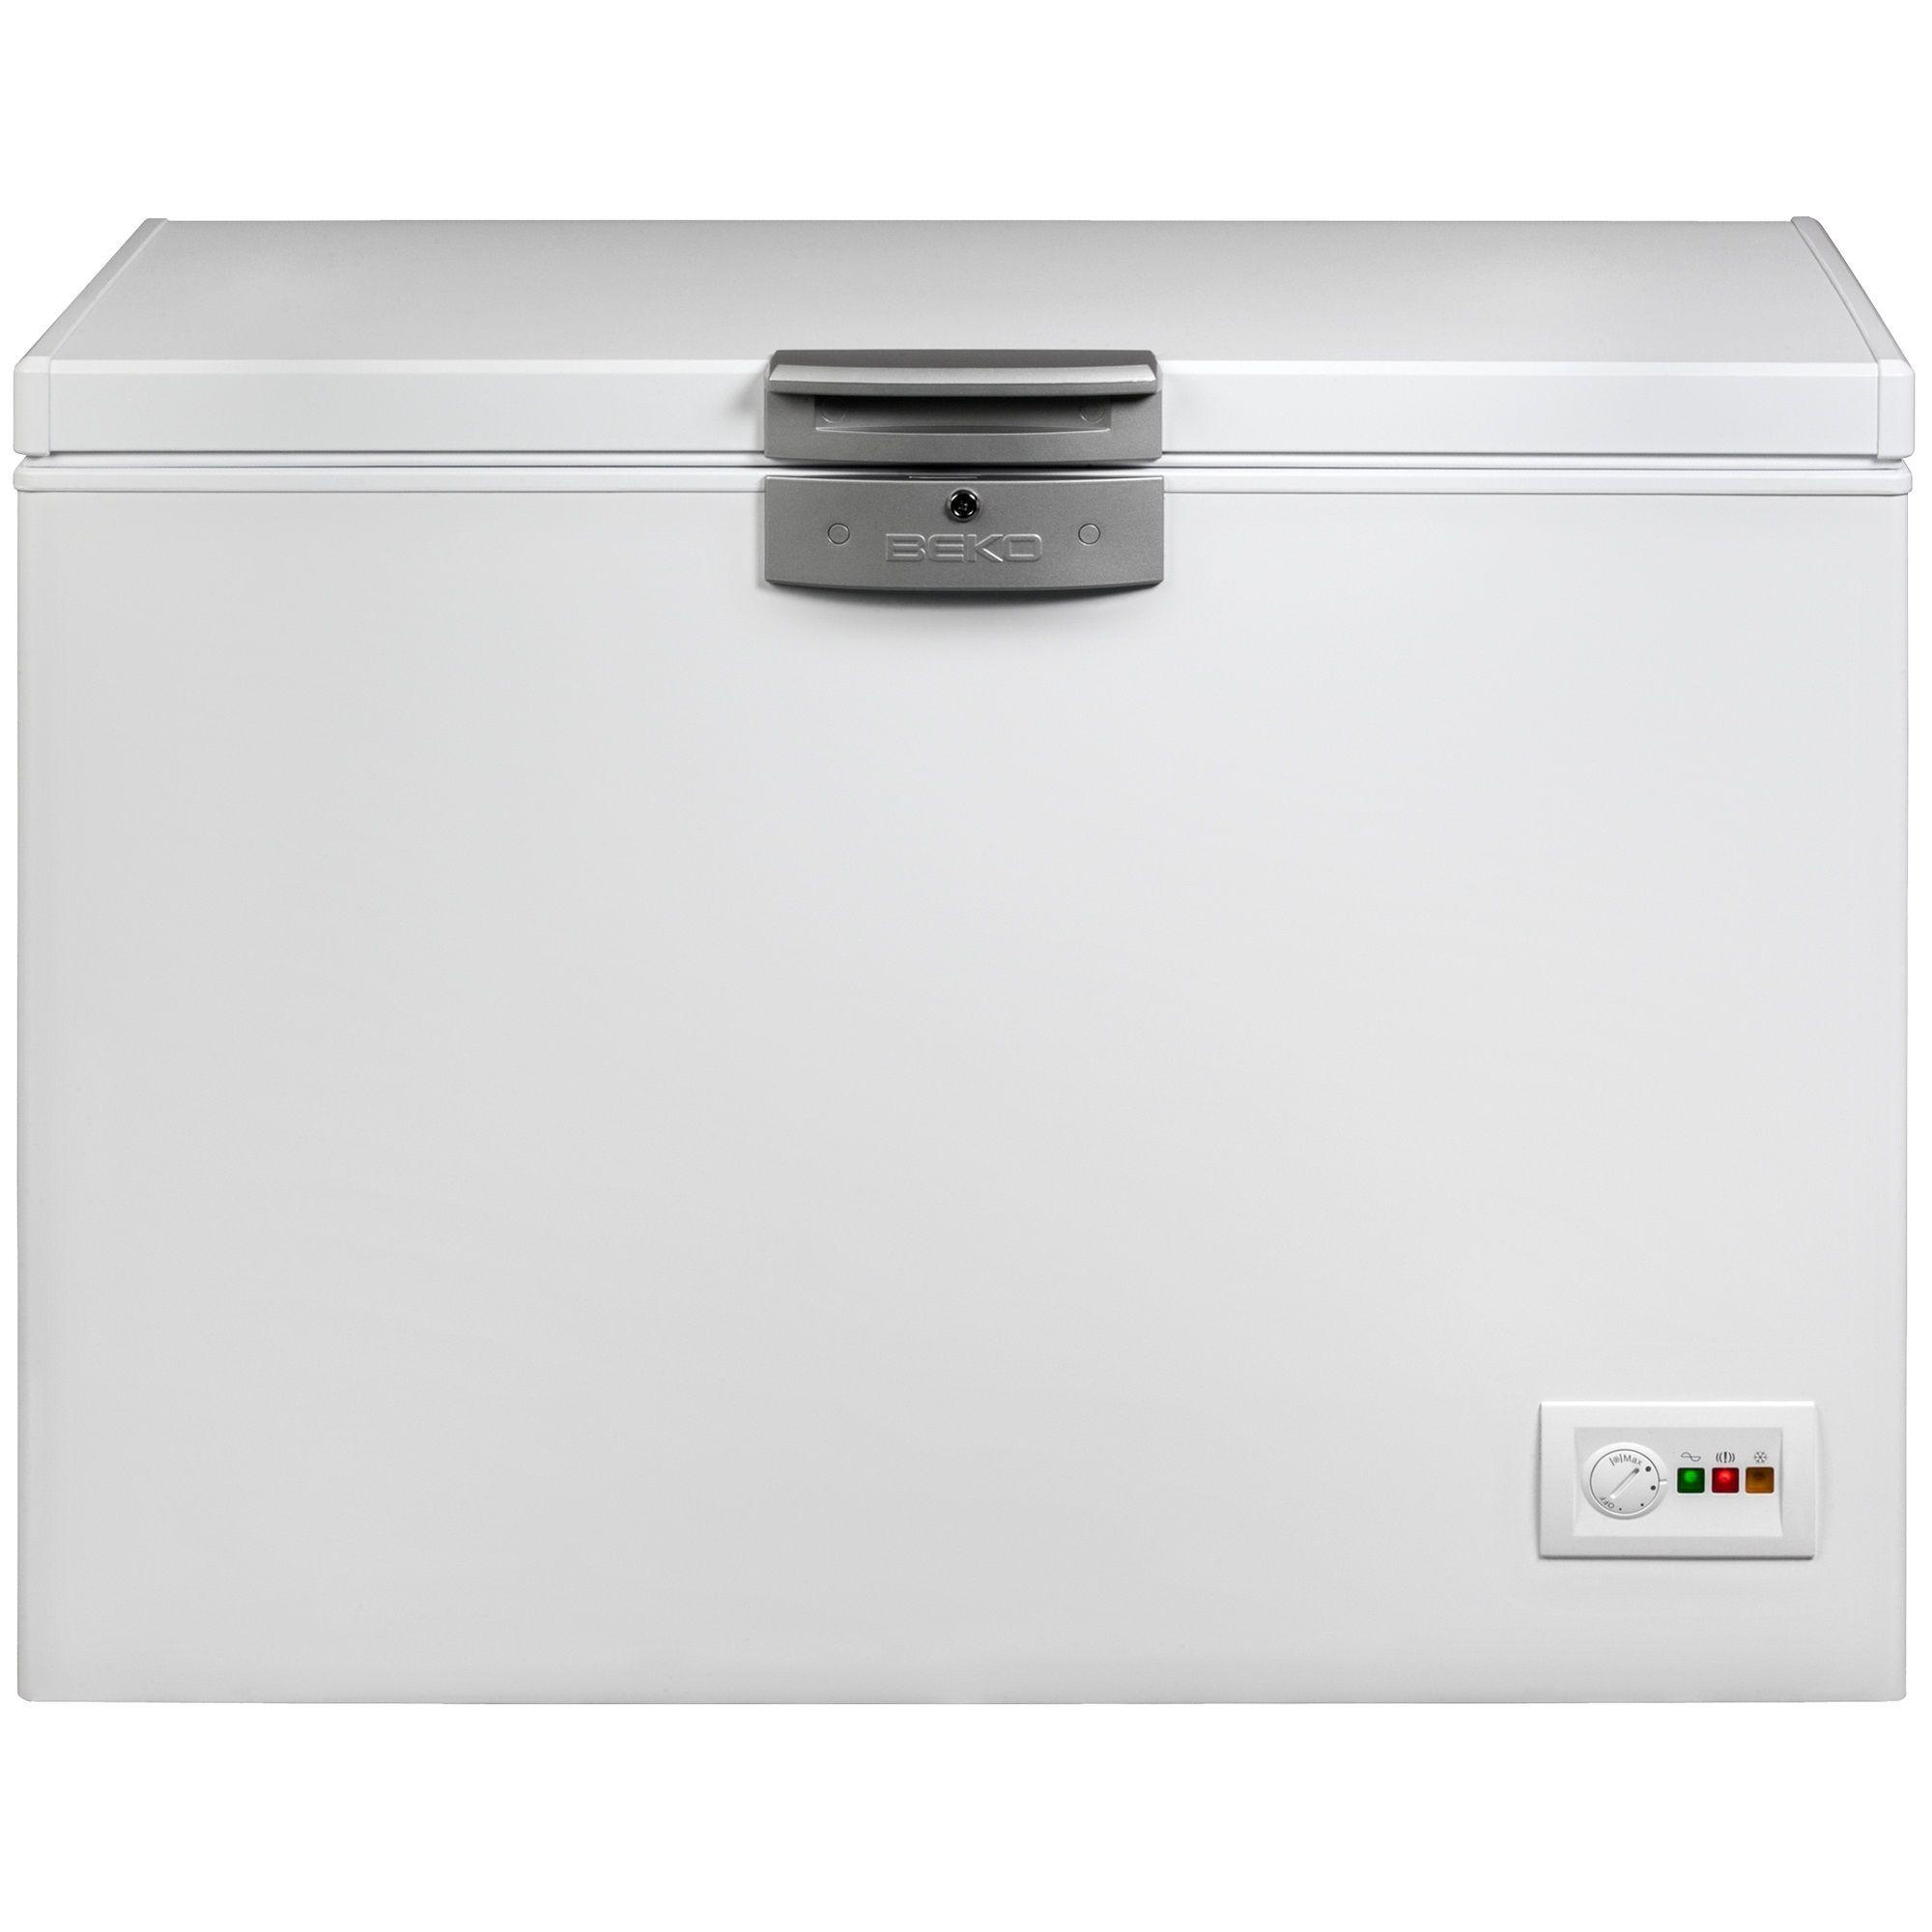 ladă frigorifică reduceri emag